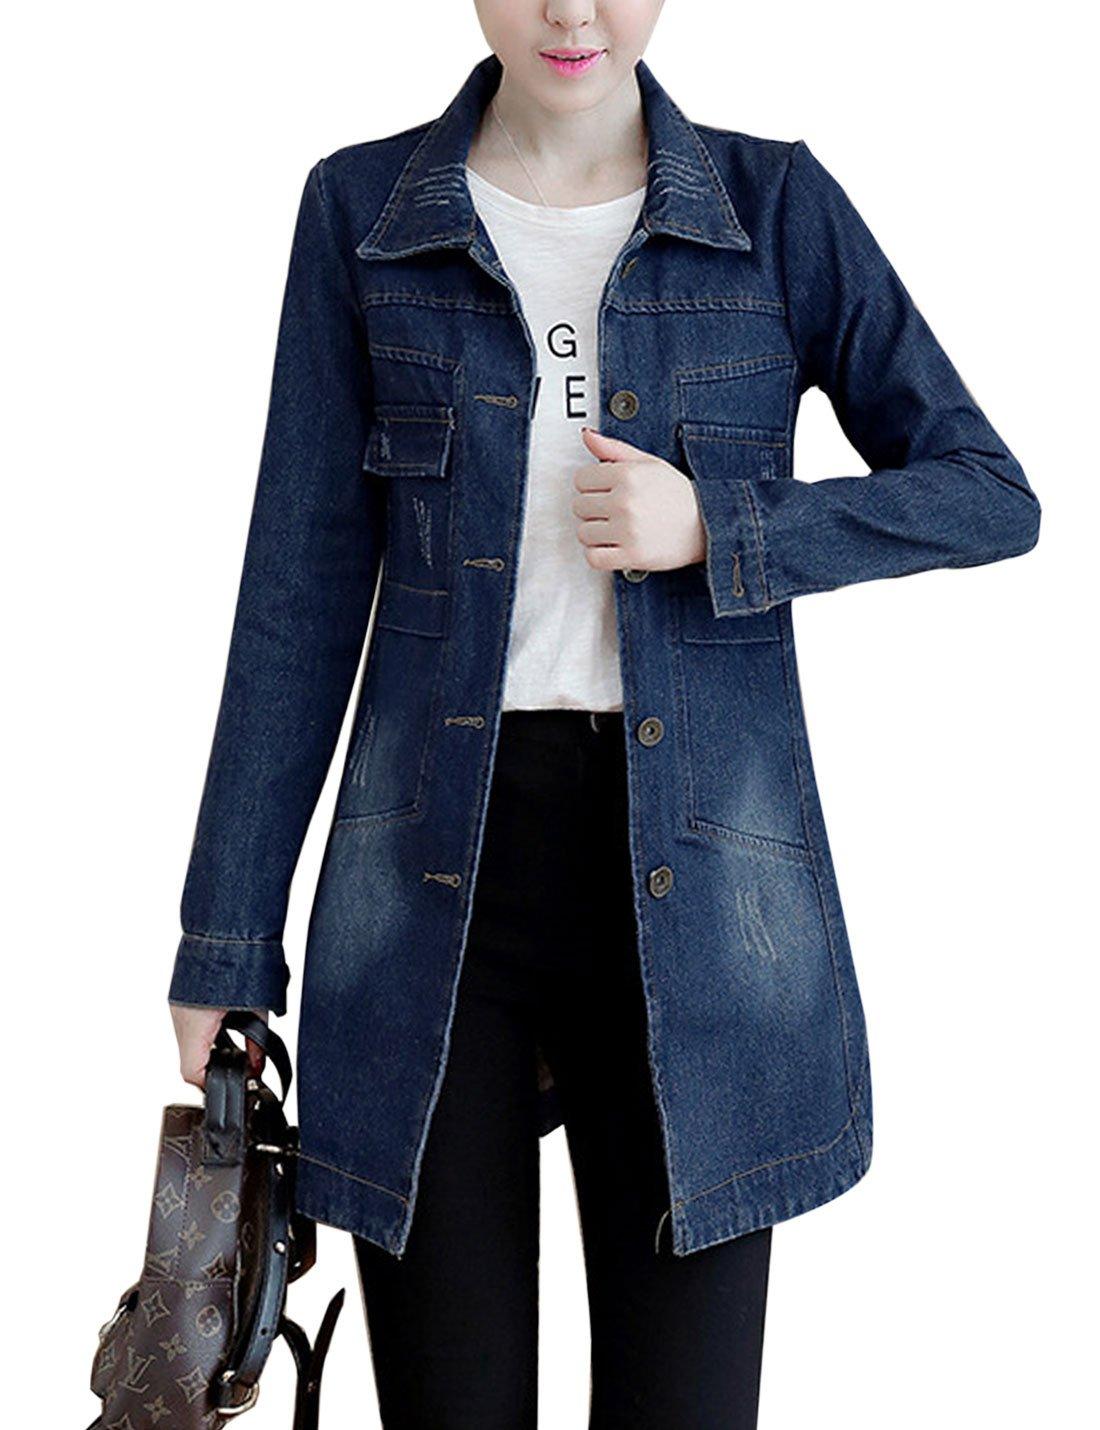 Yeokou Women's Casual Slim Mid Long Denim Jean Windbreaker Jacket Trench Coat